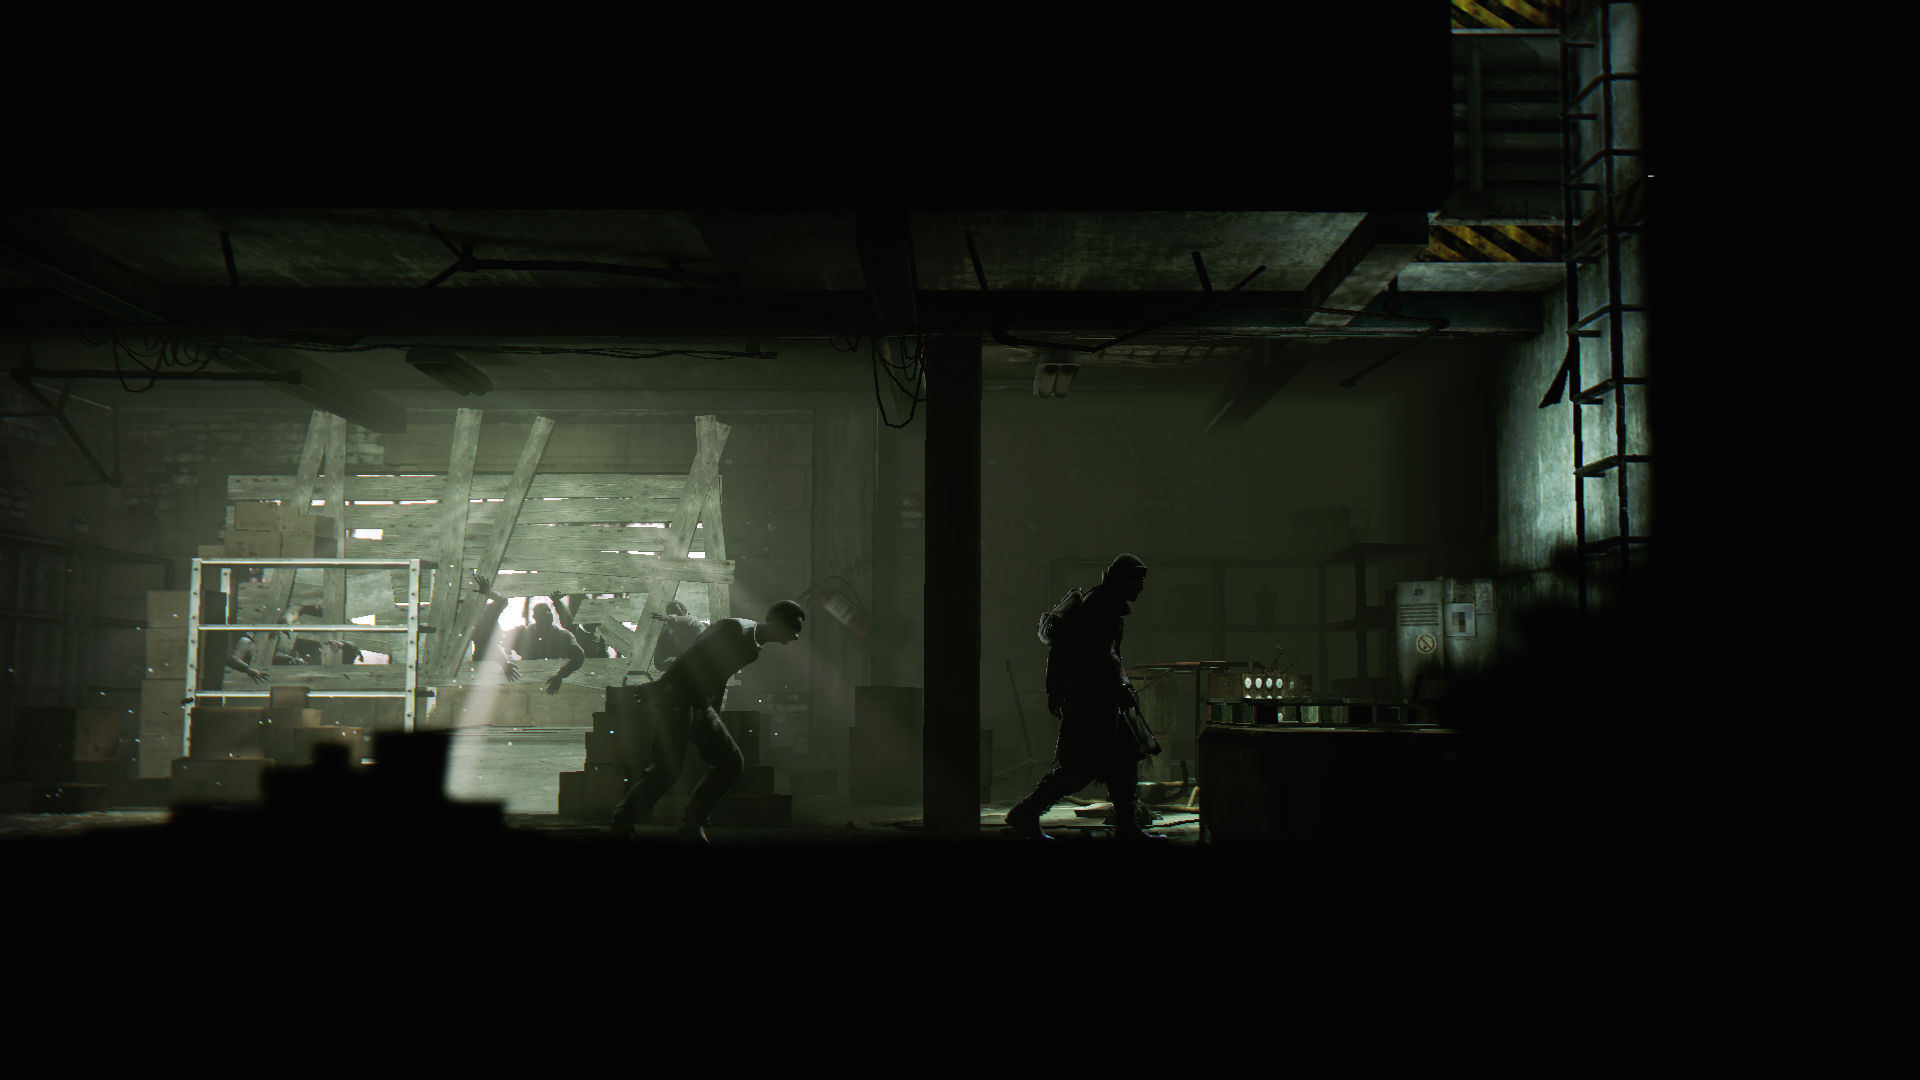 deadlight-director-s-cut-screenshot-1-story